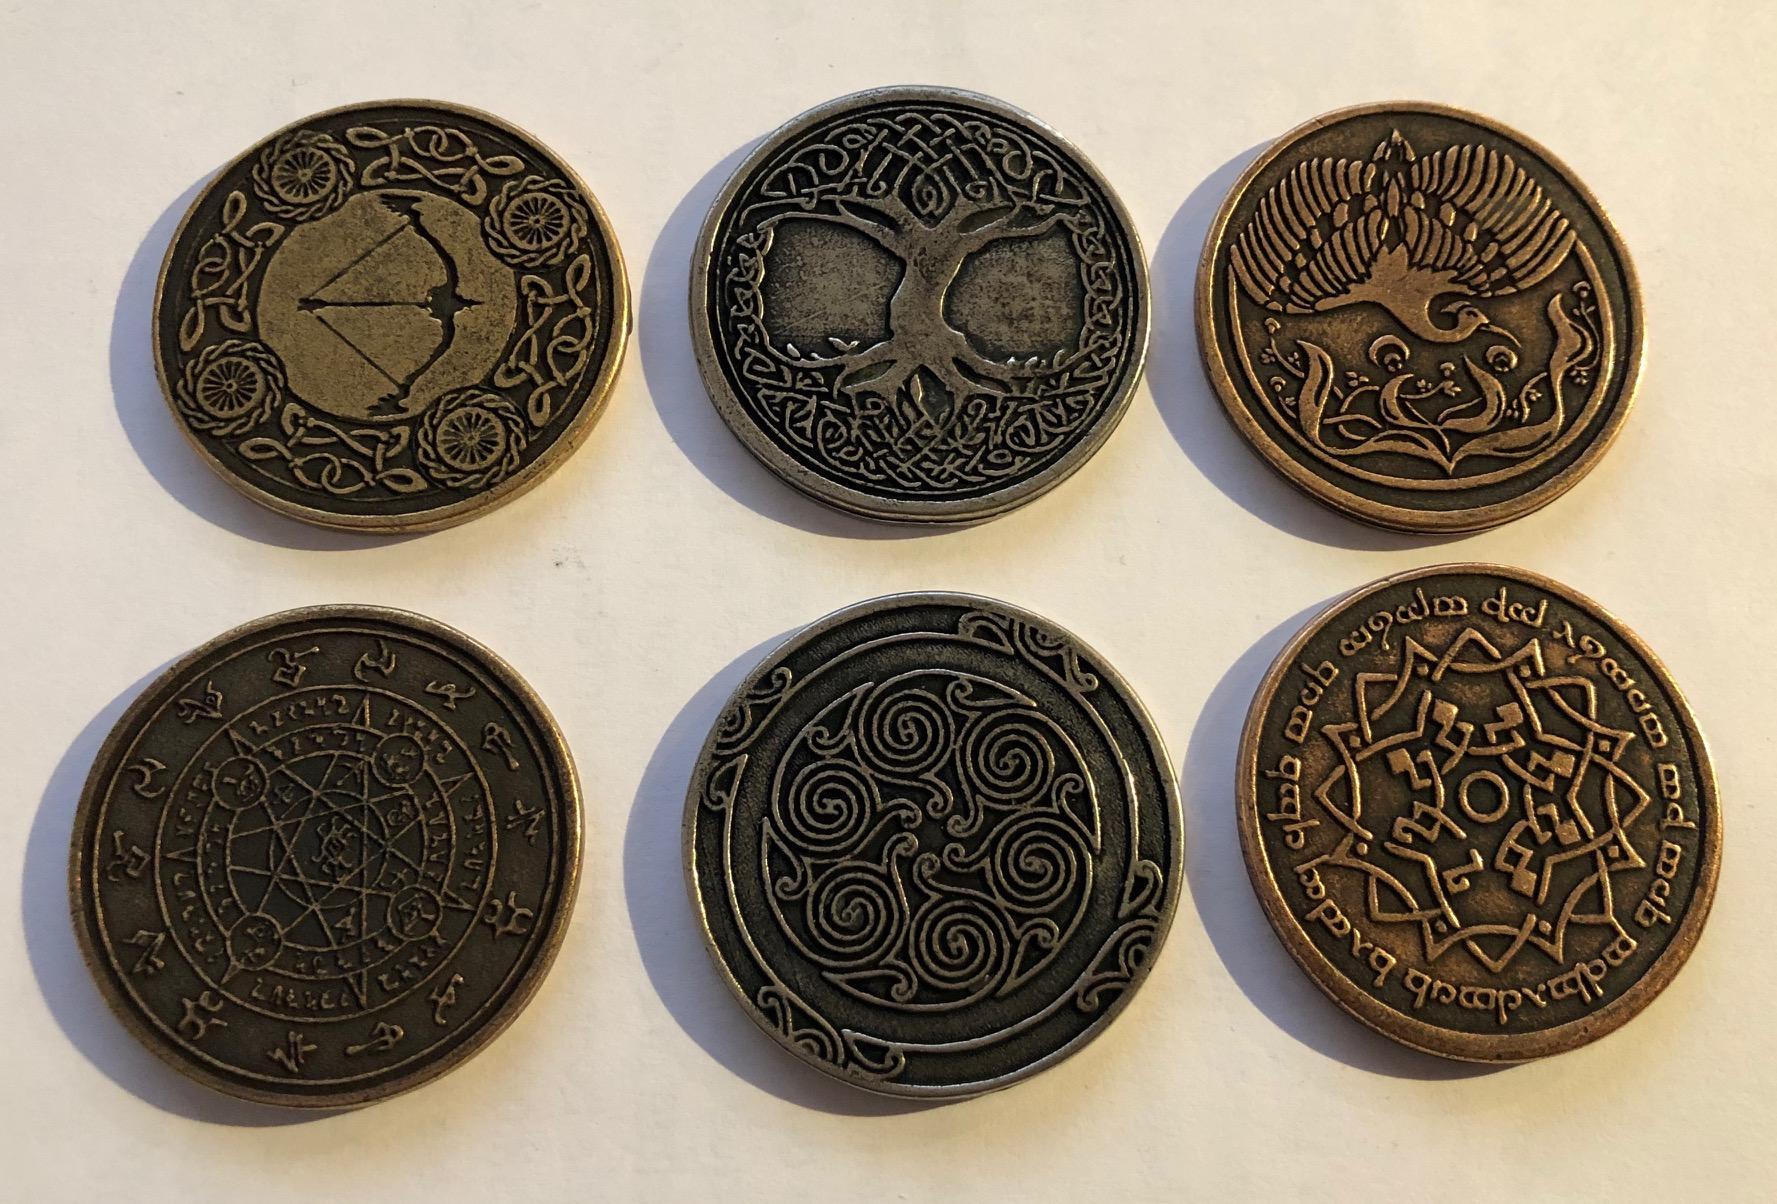 les différentes pièces Elfiques